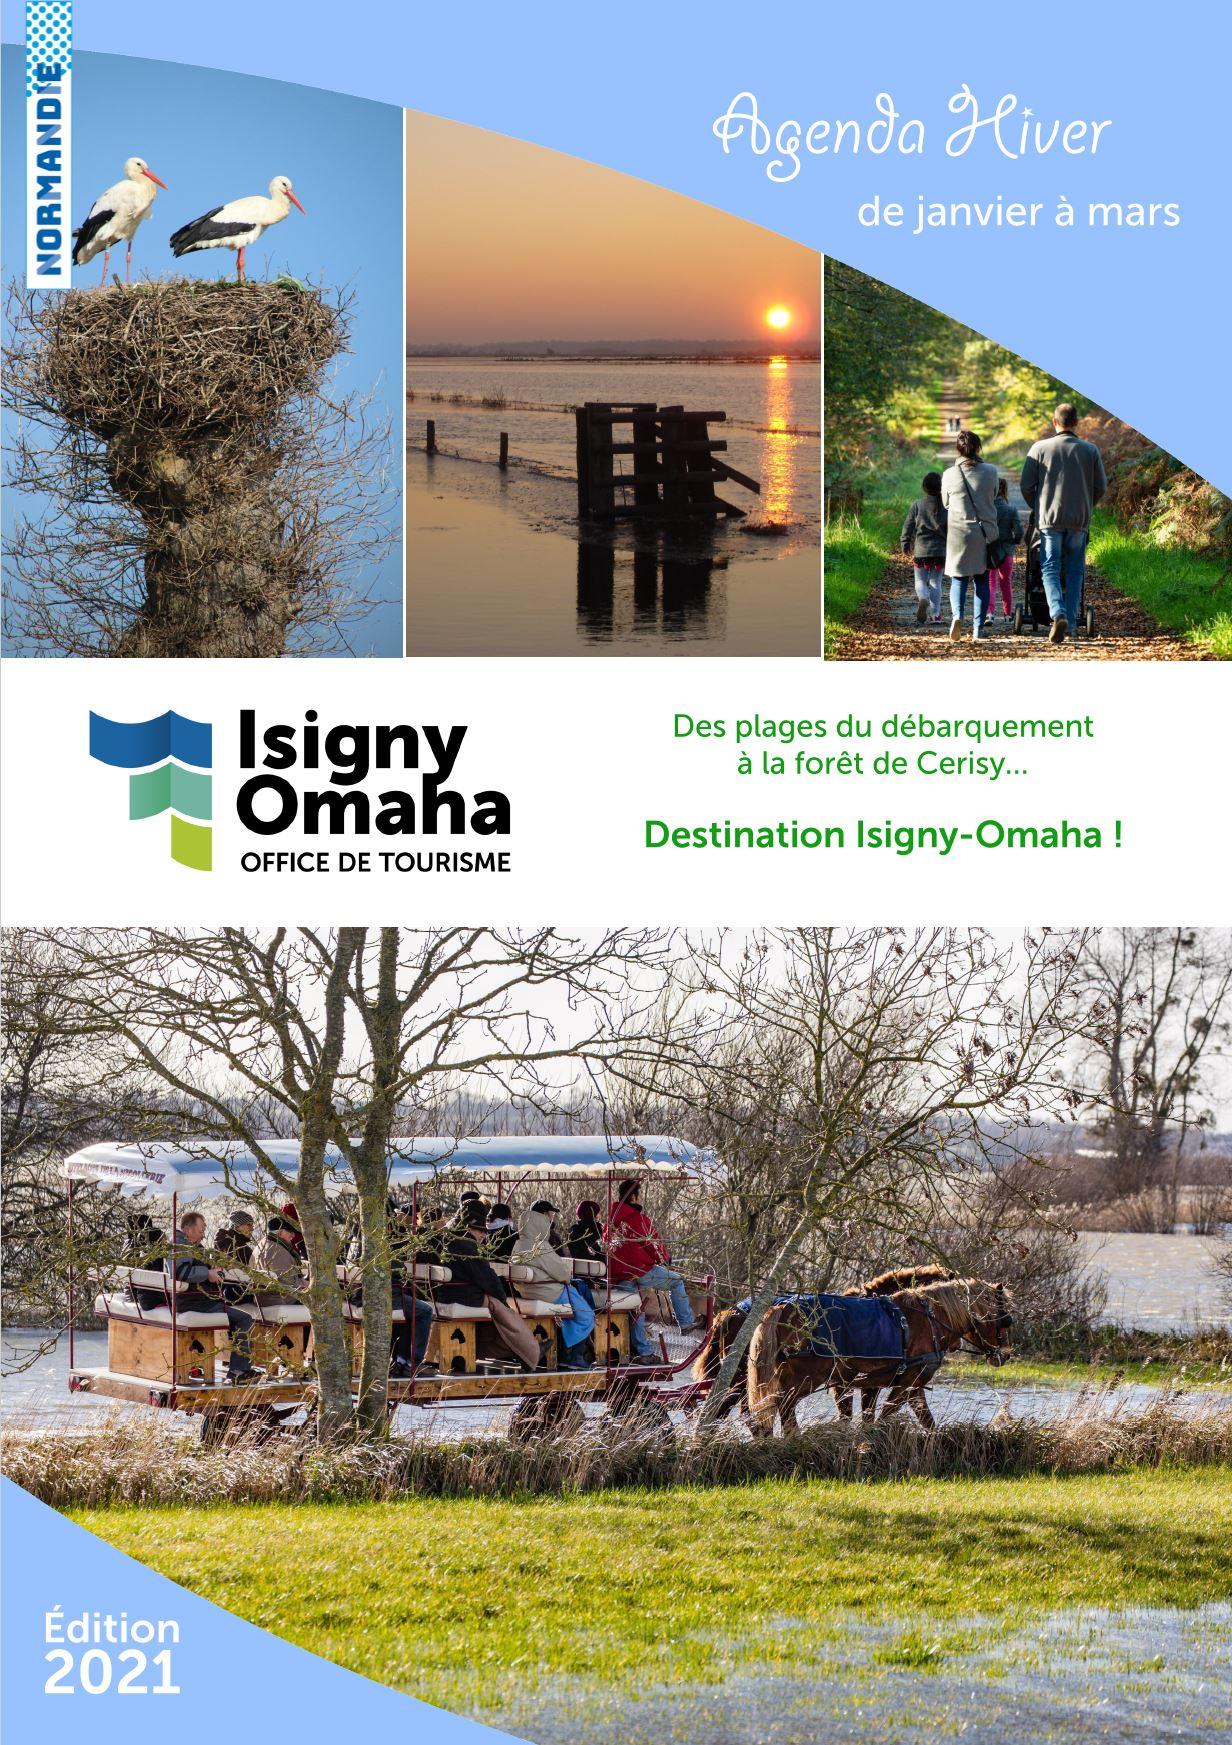 Voir la suite sur Vacances de février/Mars, le plein d'activité sur Isigny-Omaha !